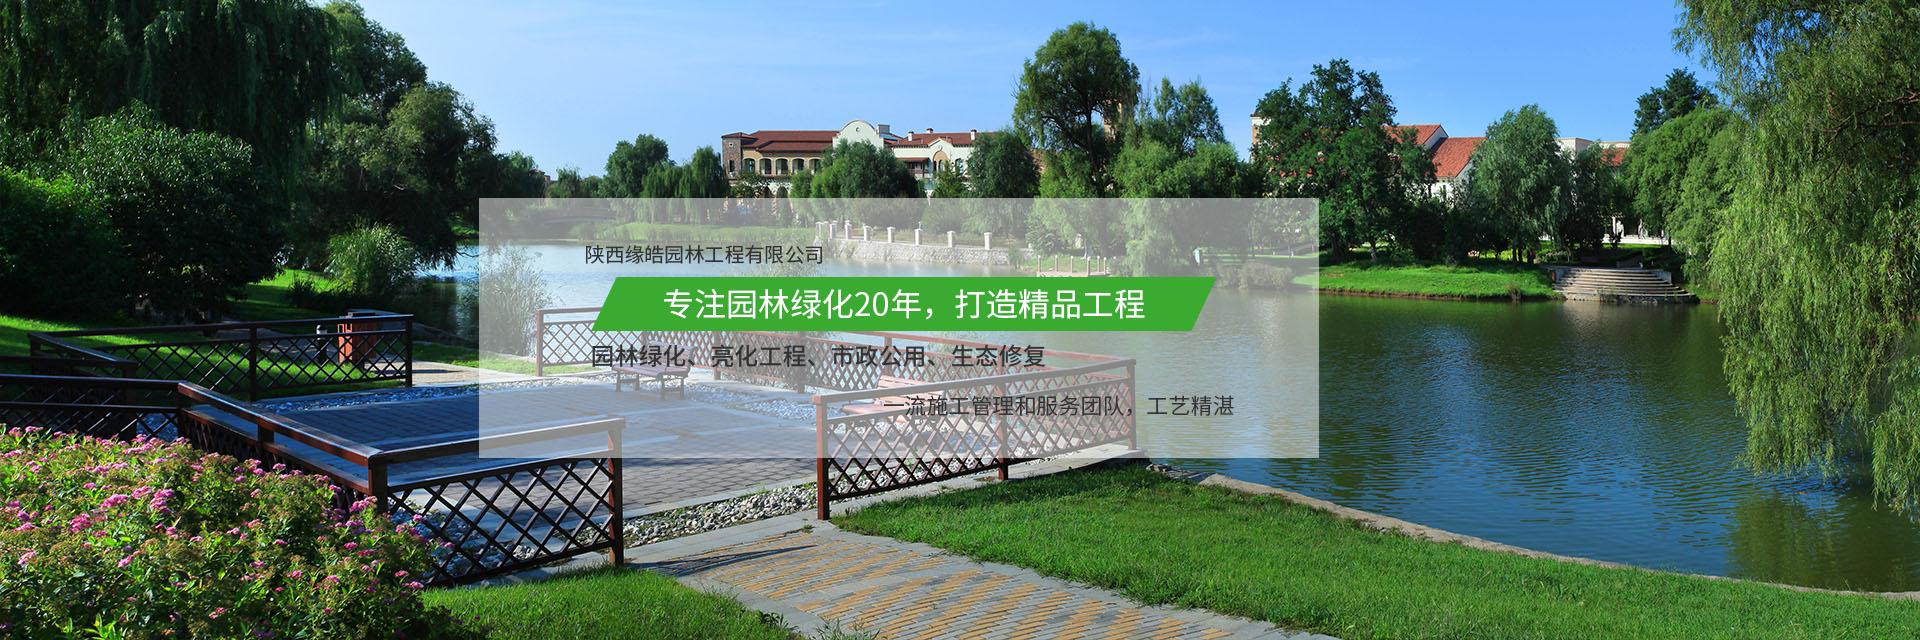 陕西园林工程网入驻电话/陕西景观小品设计/陕西缘皓园林工程有限公司